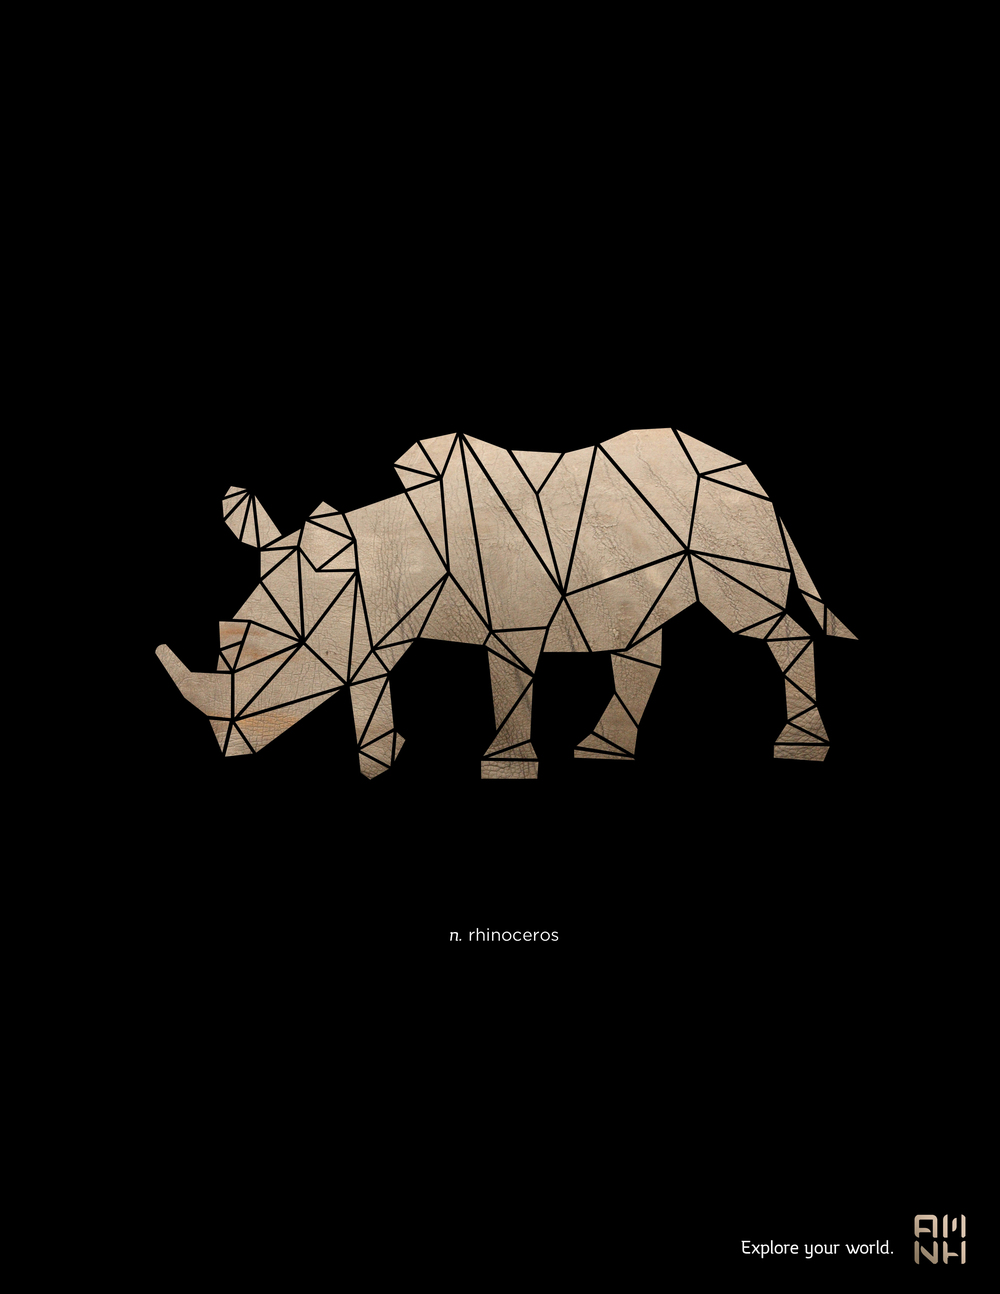 amnh_posters_v3_rhino.jpg